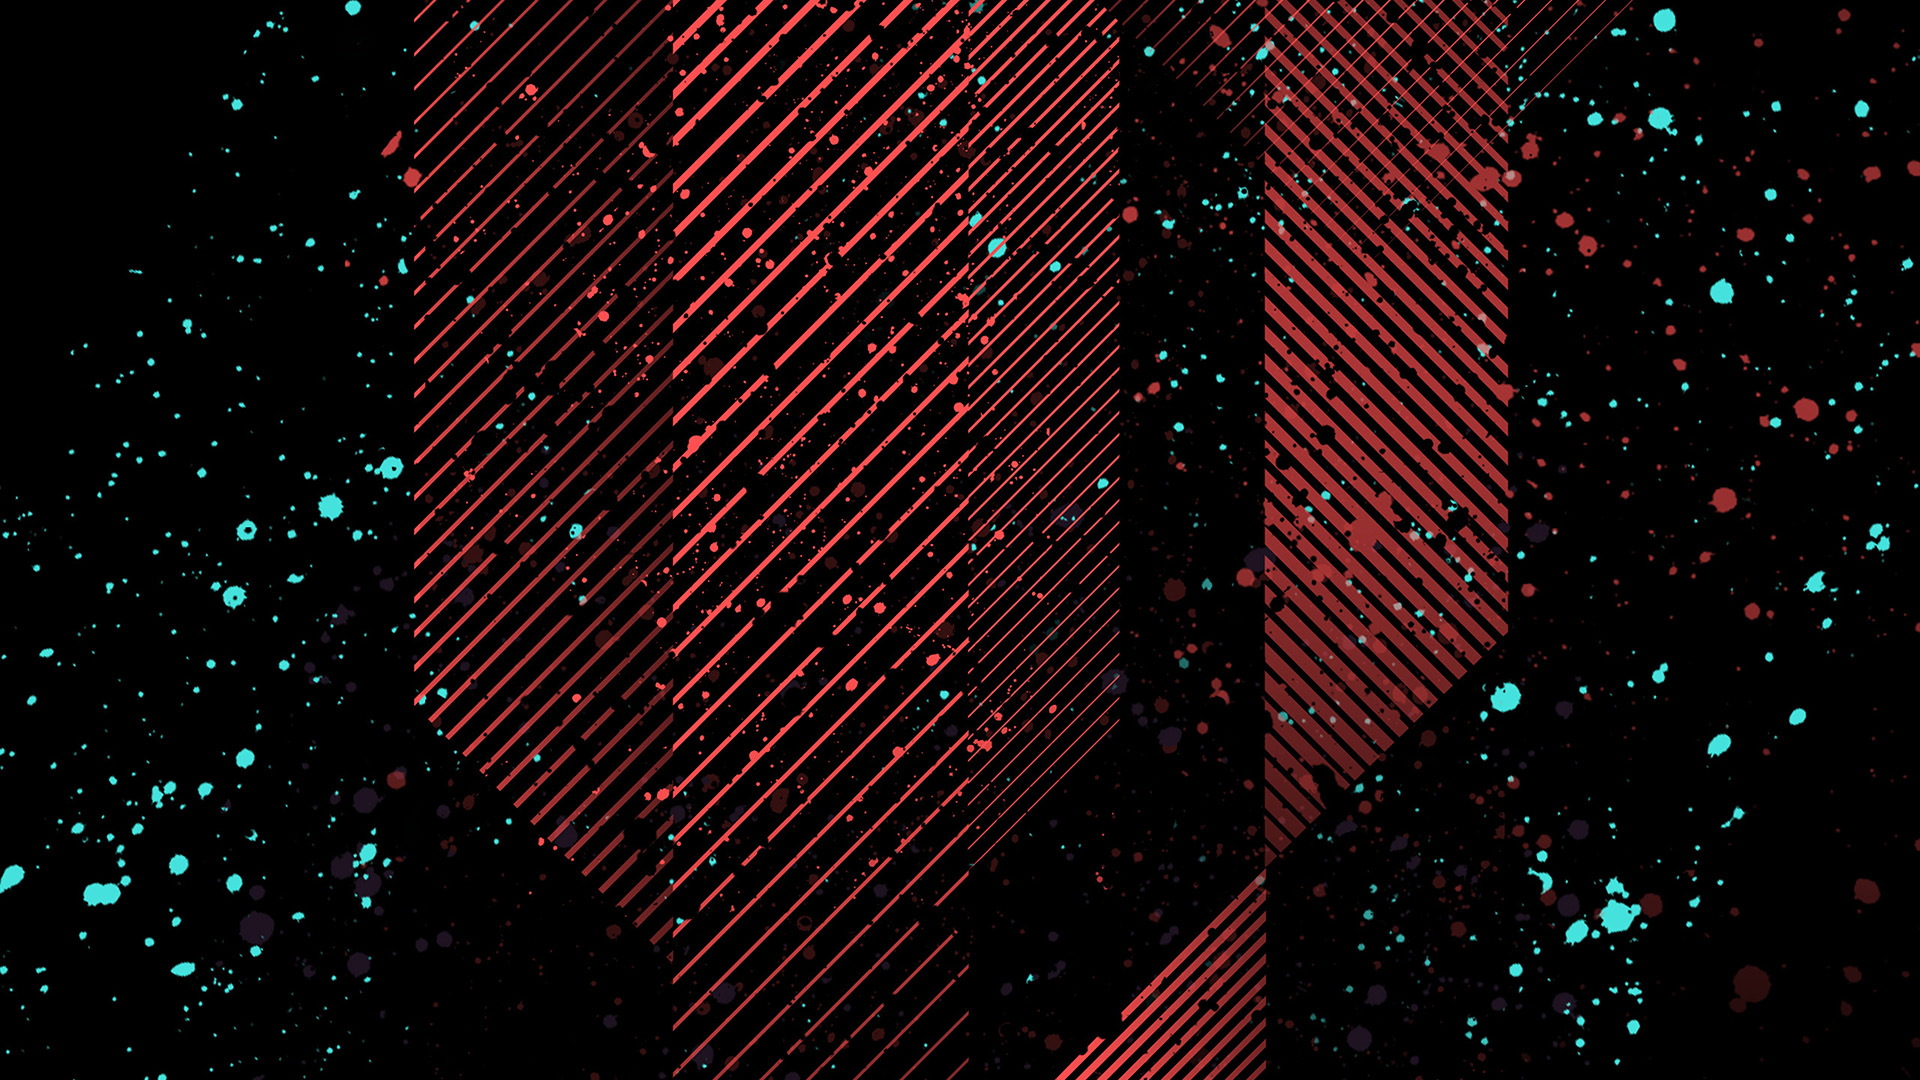 wallpaper for desktop, laptop | vu36-dark-art-minimal ...